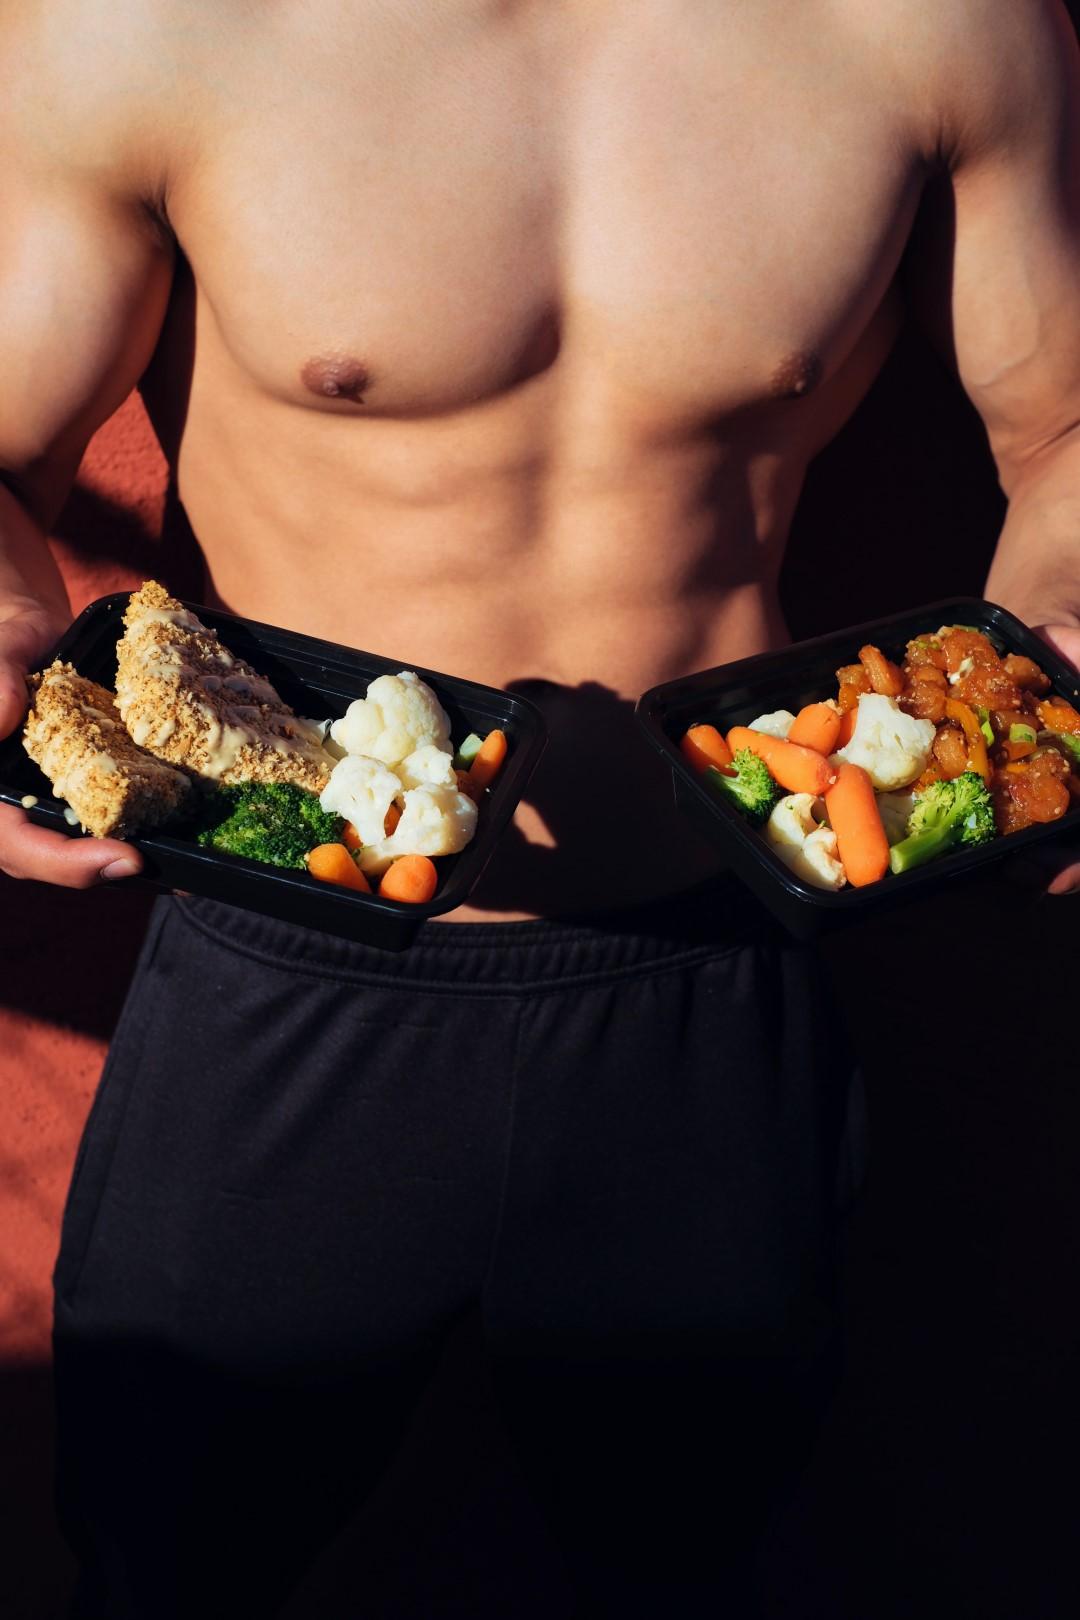 elveszítheti a test zsírsejteket? fogyni széklet